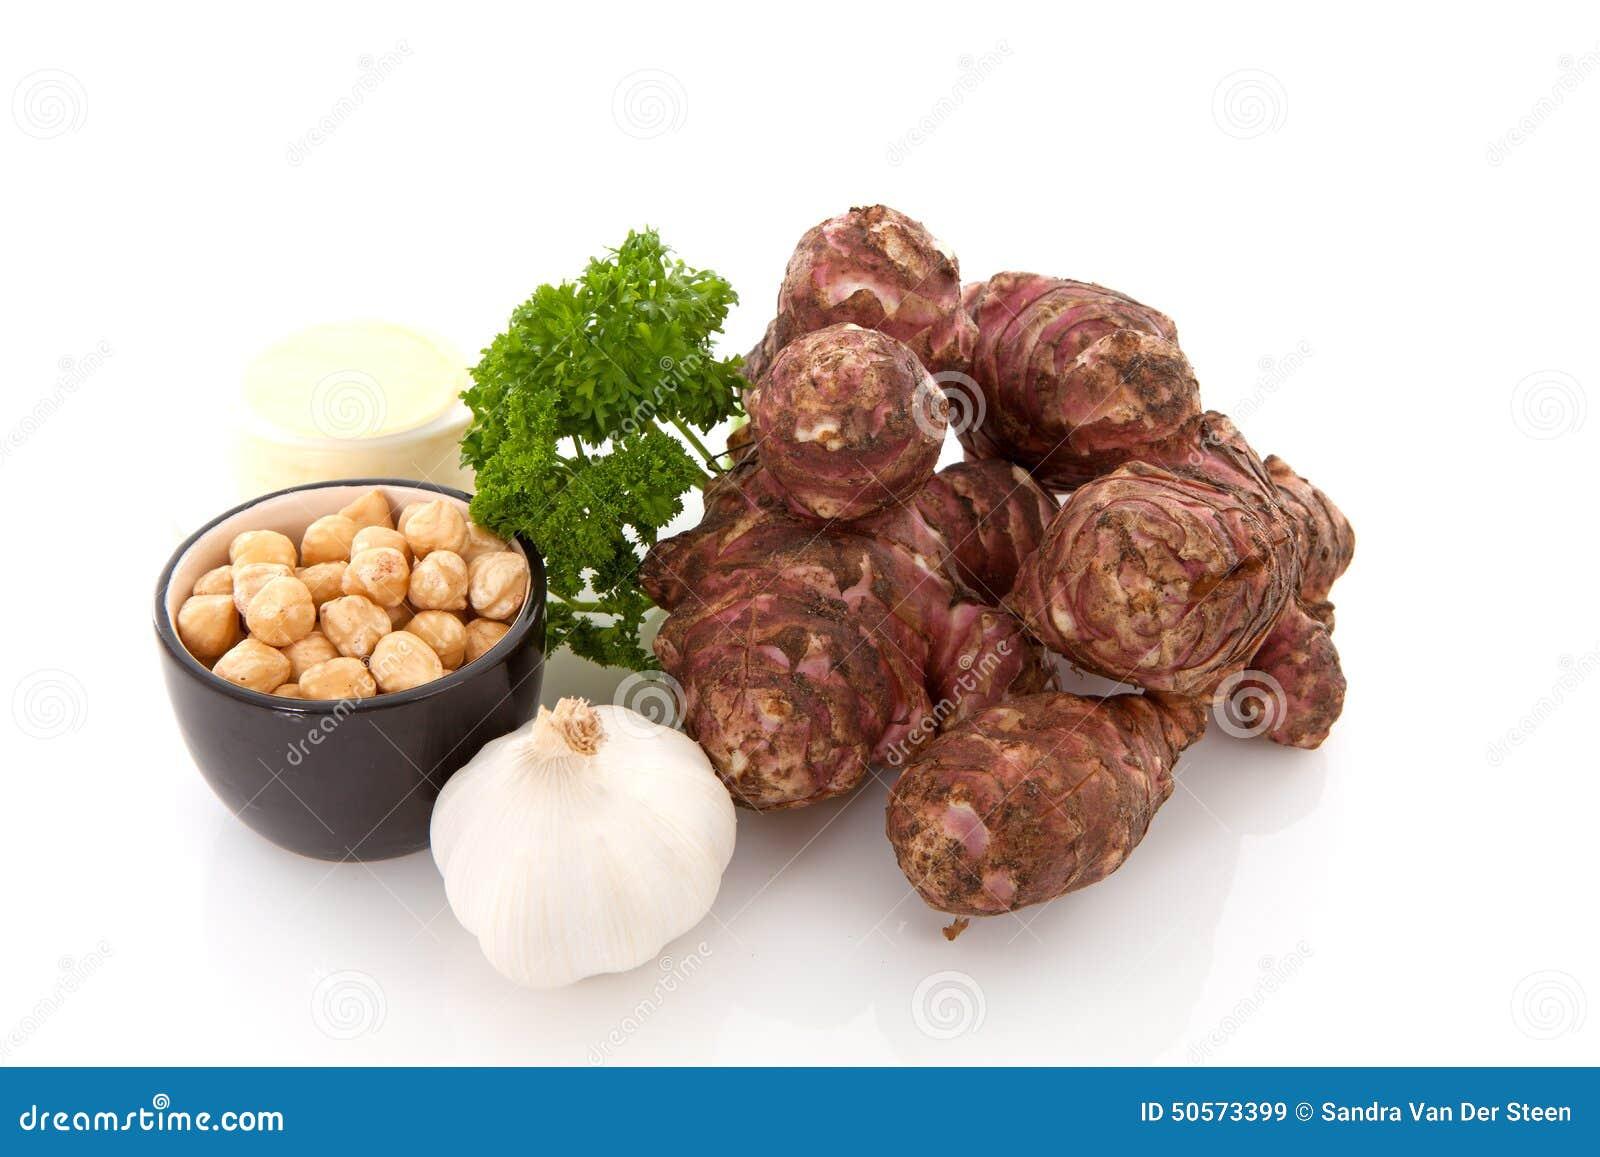 Ingredients for Jerusalem artichoke soup